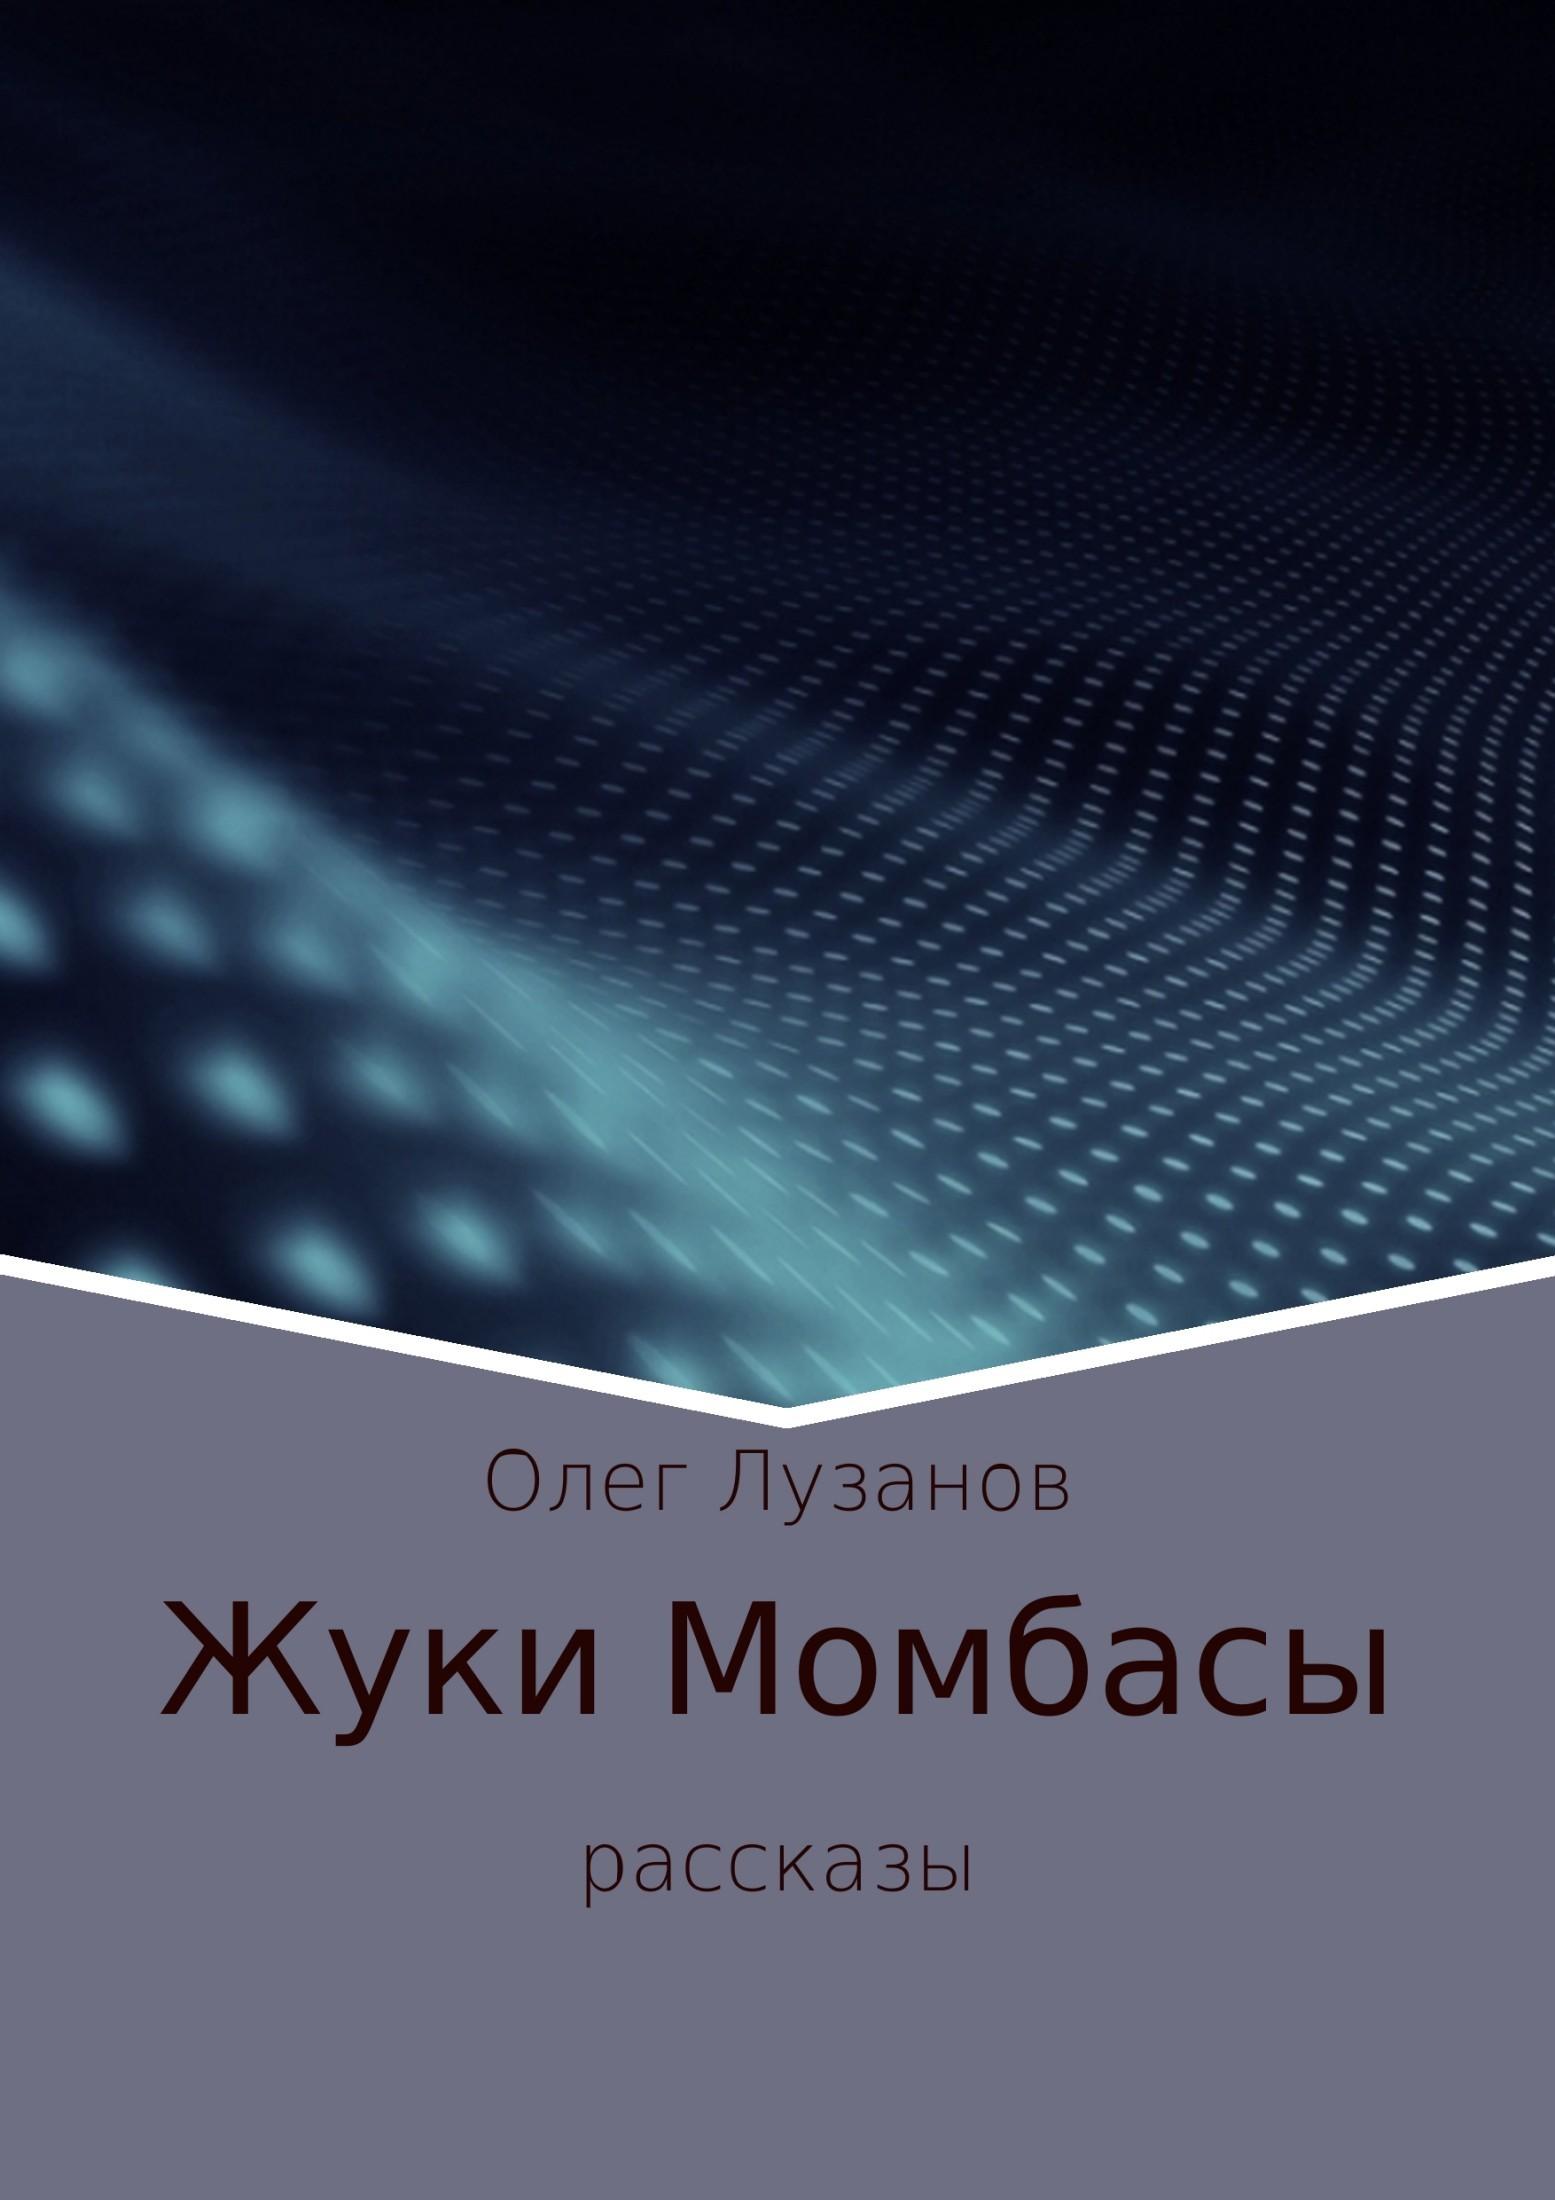 Олег Николаевич Лузанов Жуки Момбасы про хвосты усы лапы и носы рассказы о животных